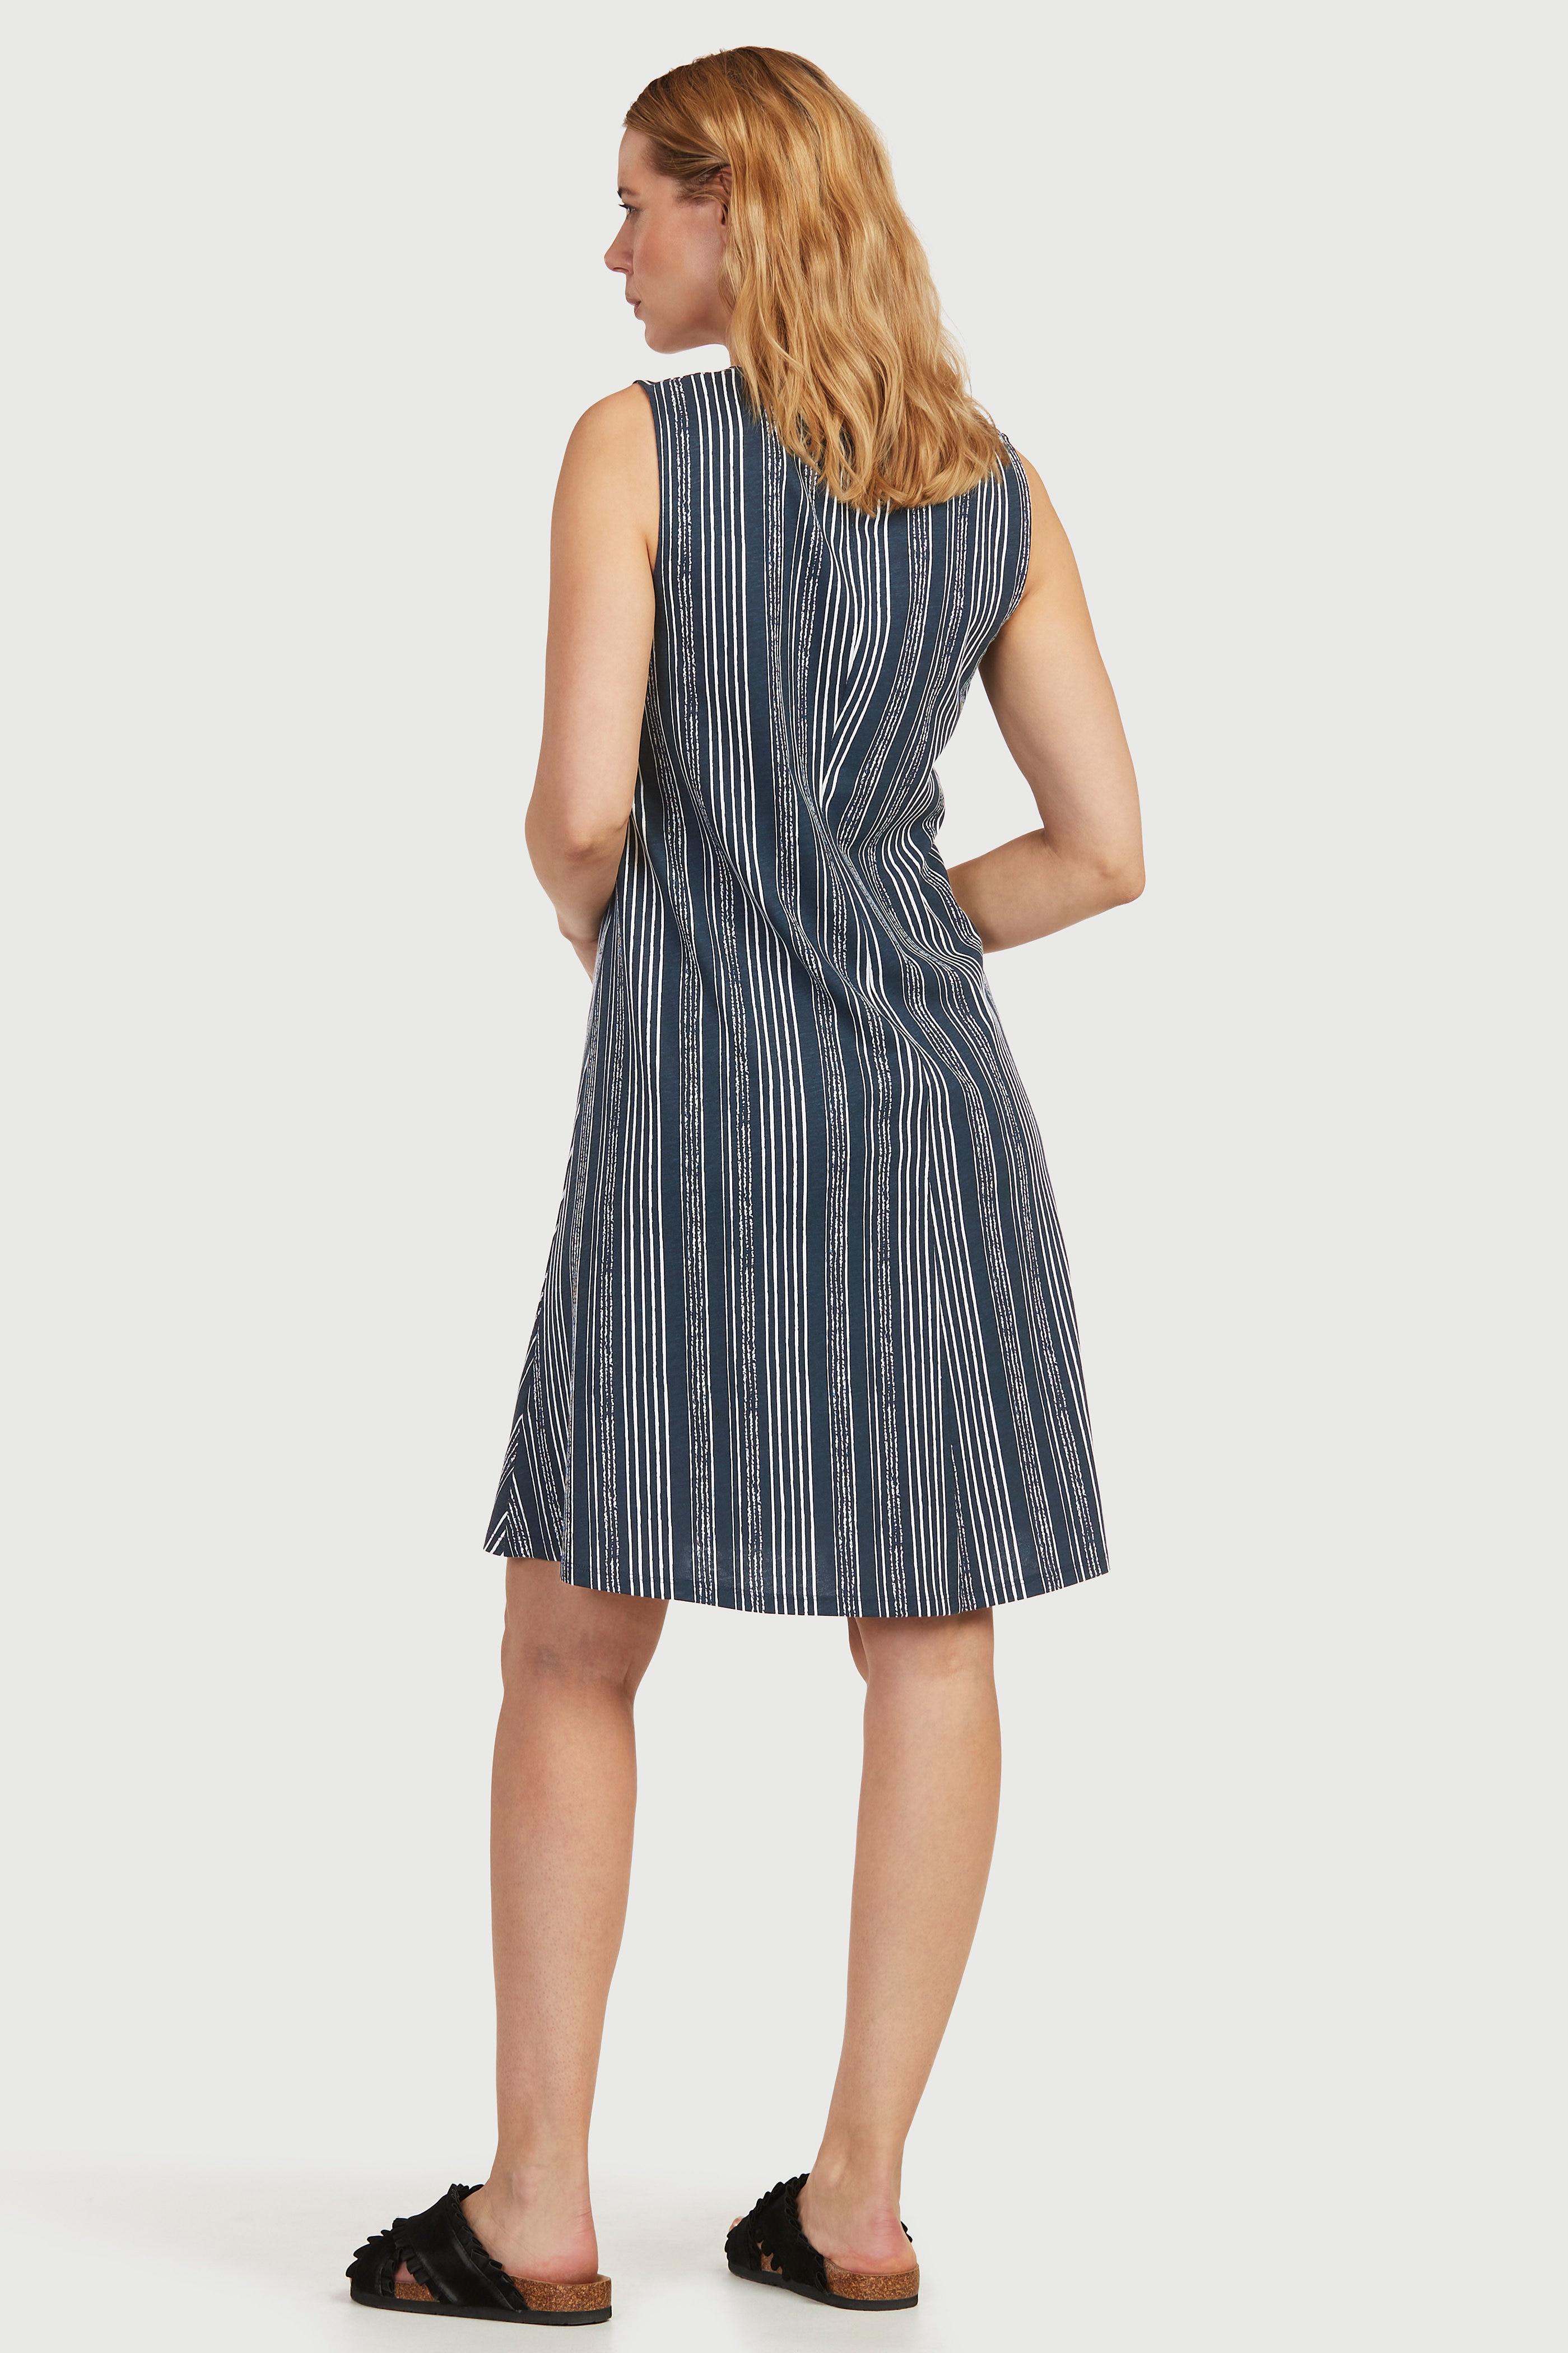 Mönstrad A-linjeformad trikåklänning